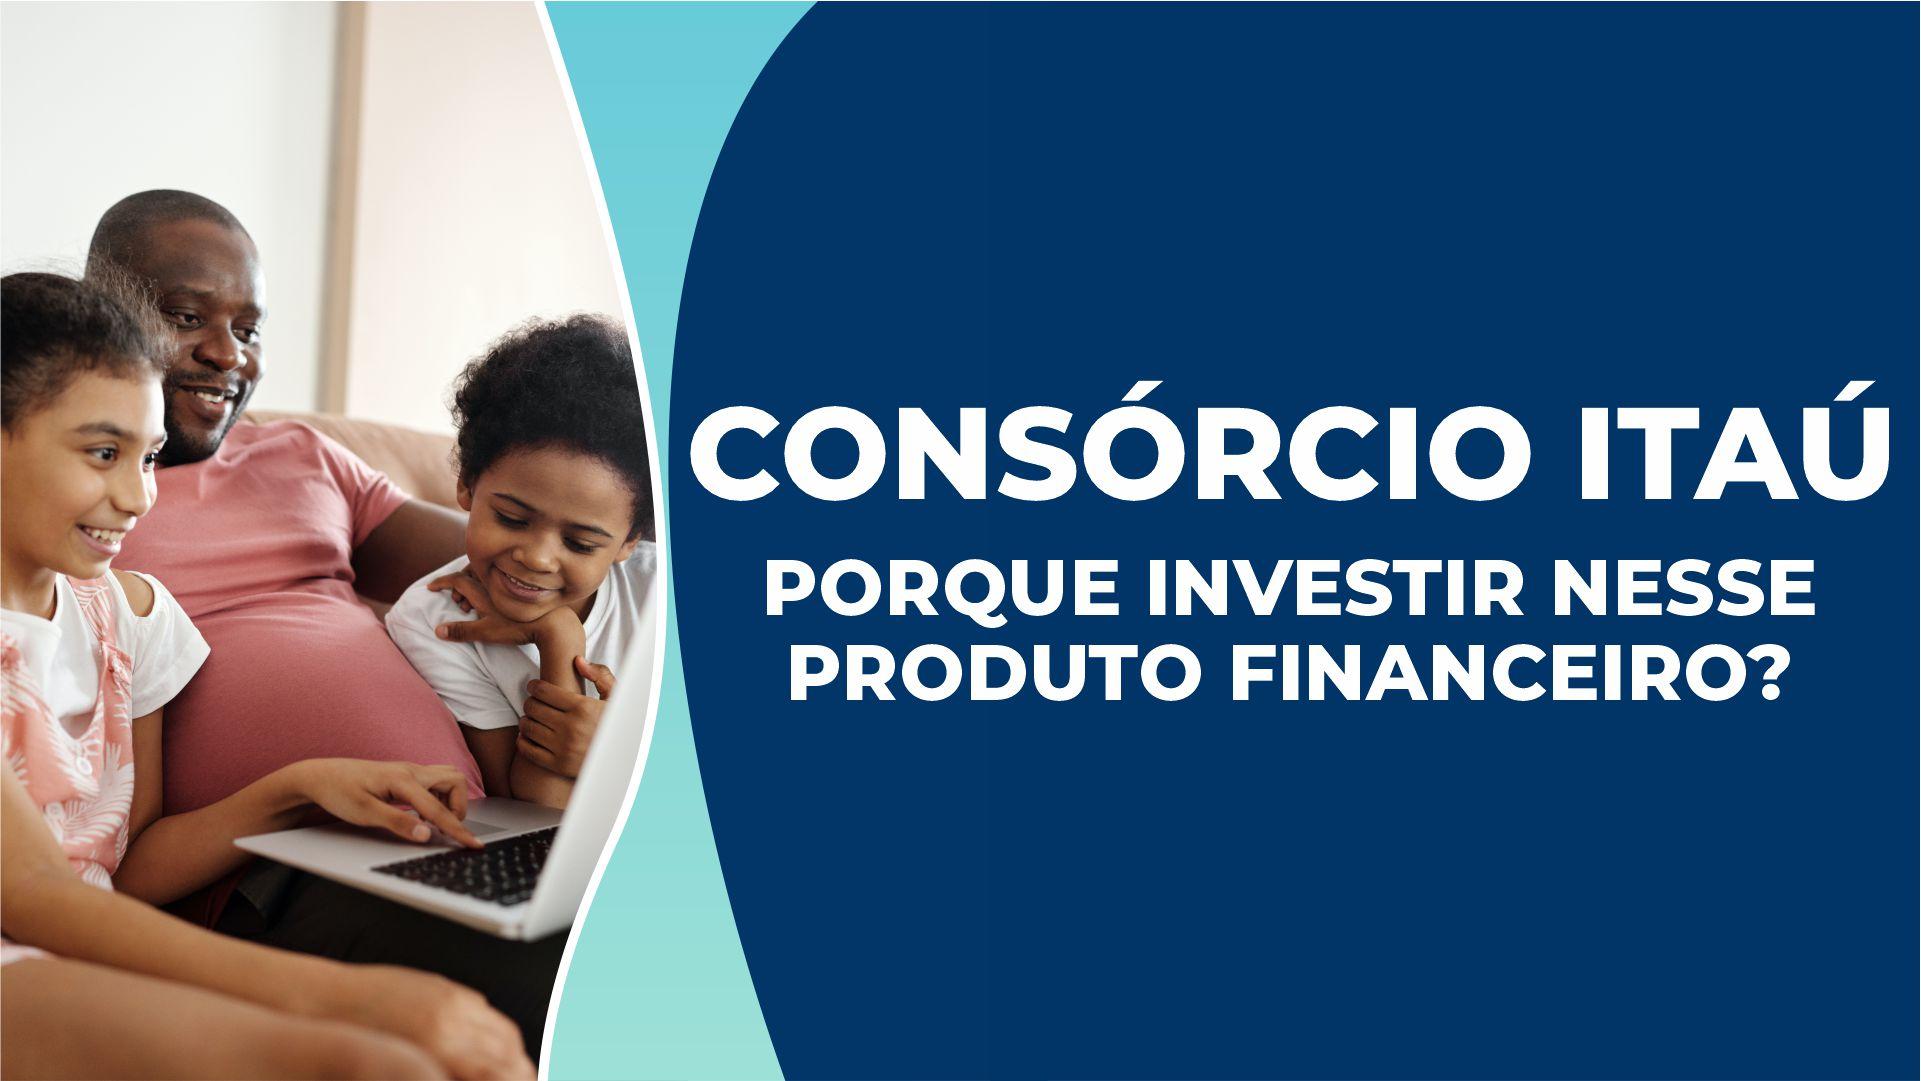 Consórcio Itaú – Por que investir neste produto financeiro?